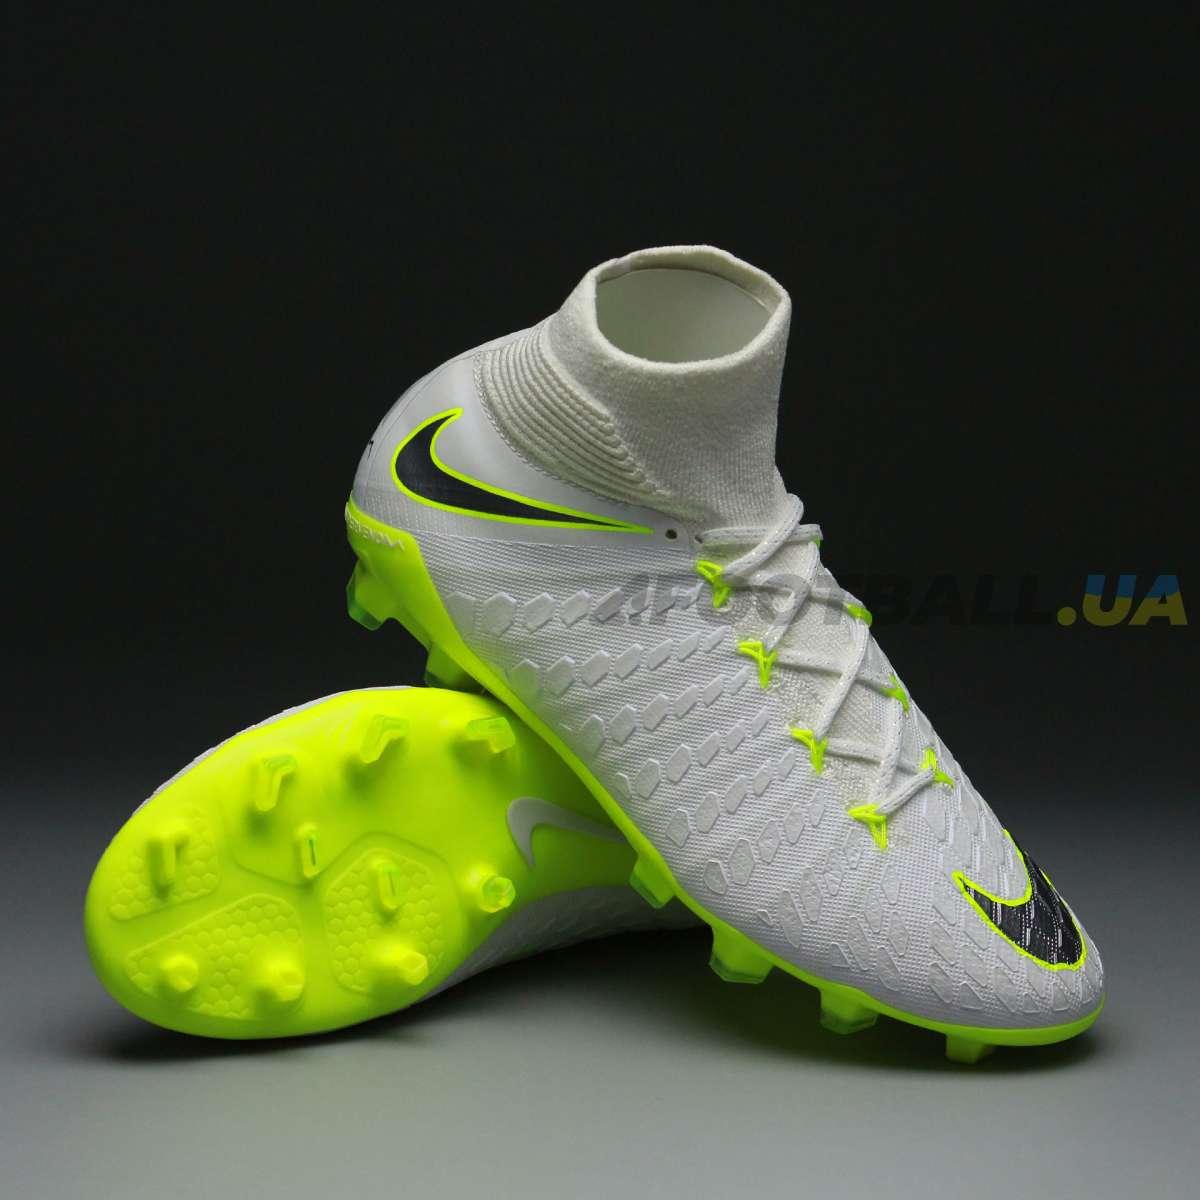 a1ef9841 Детские бутсы Nike HYPERVENOM ELITE AJ3791-107 купить на 4football ...